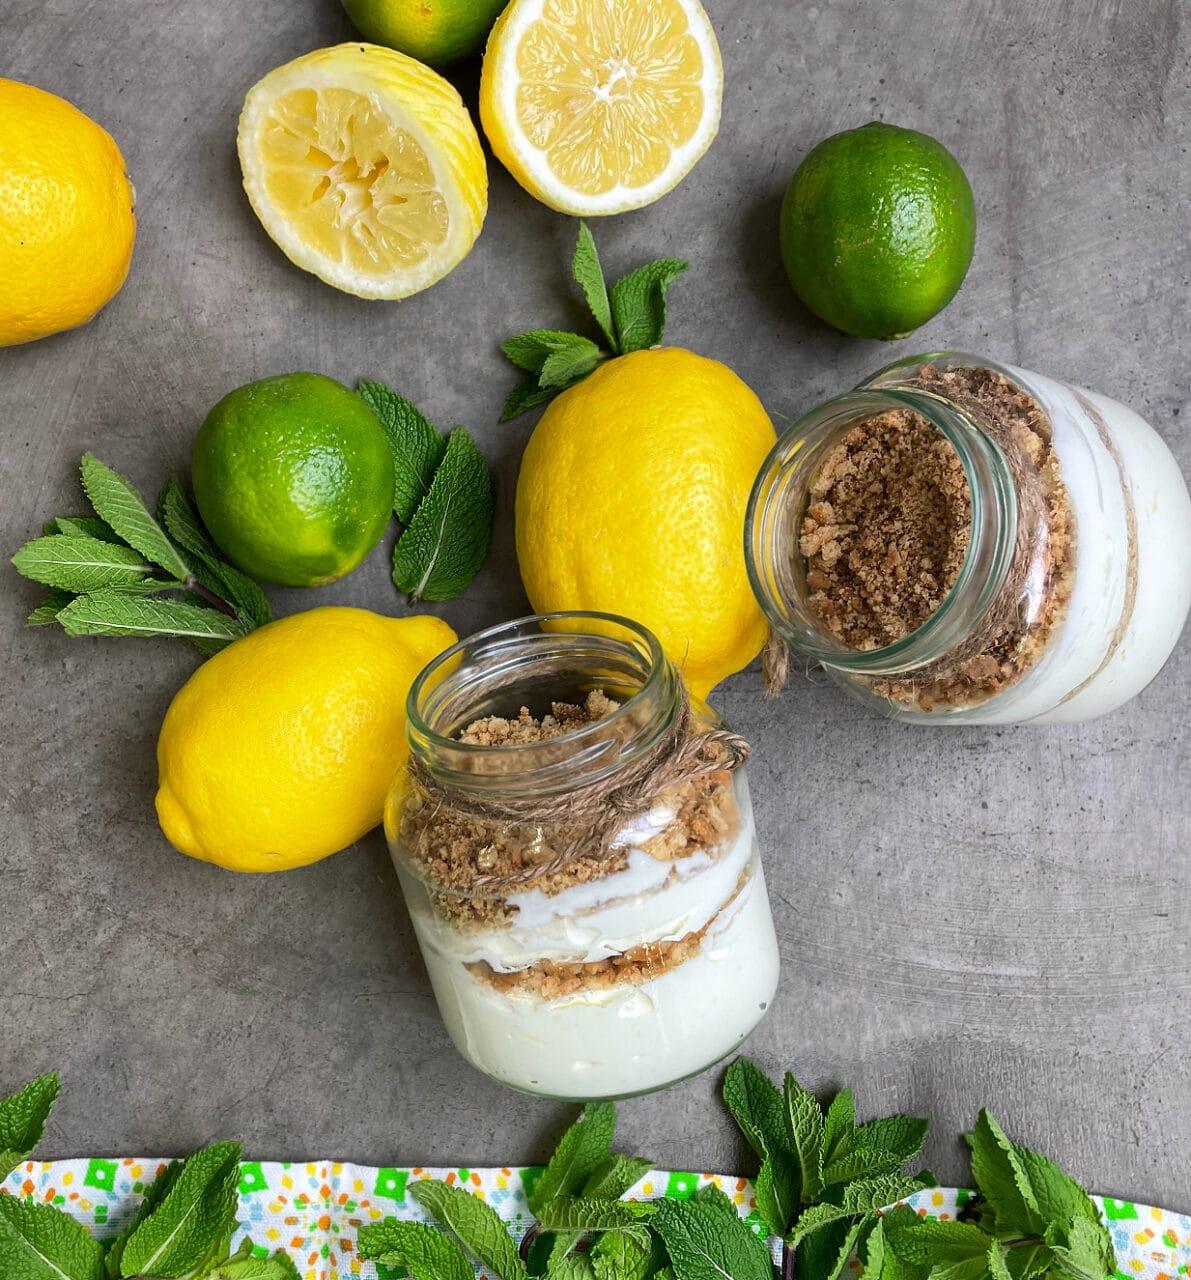 Yoghurtvisp med smak av citron- Syns tillsammans med citron och mynta